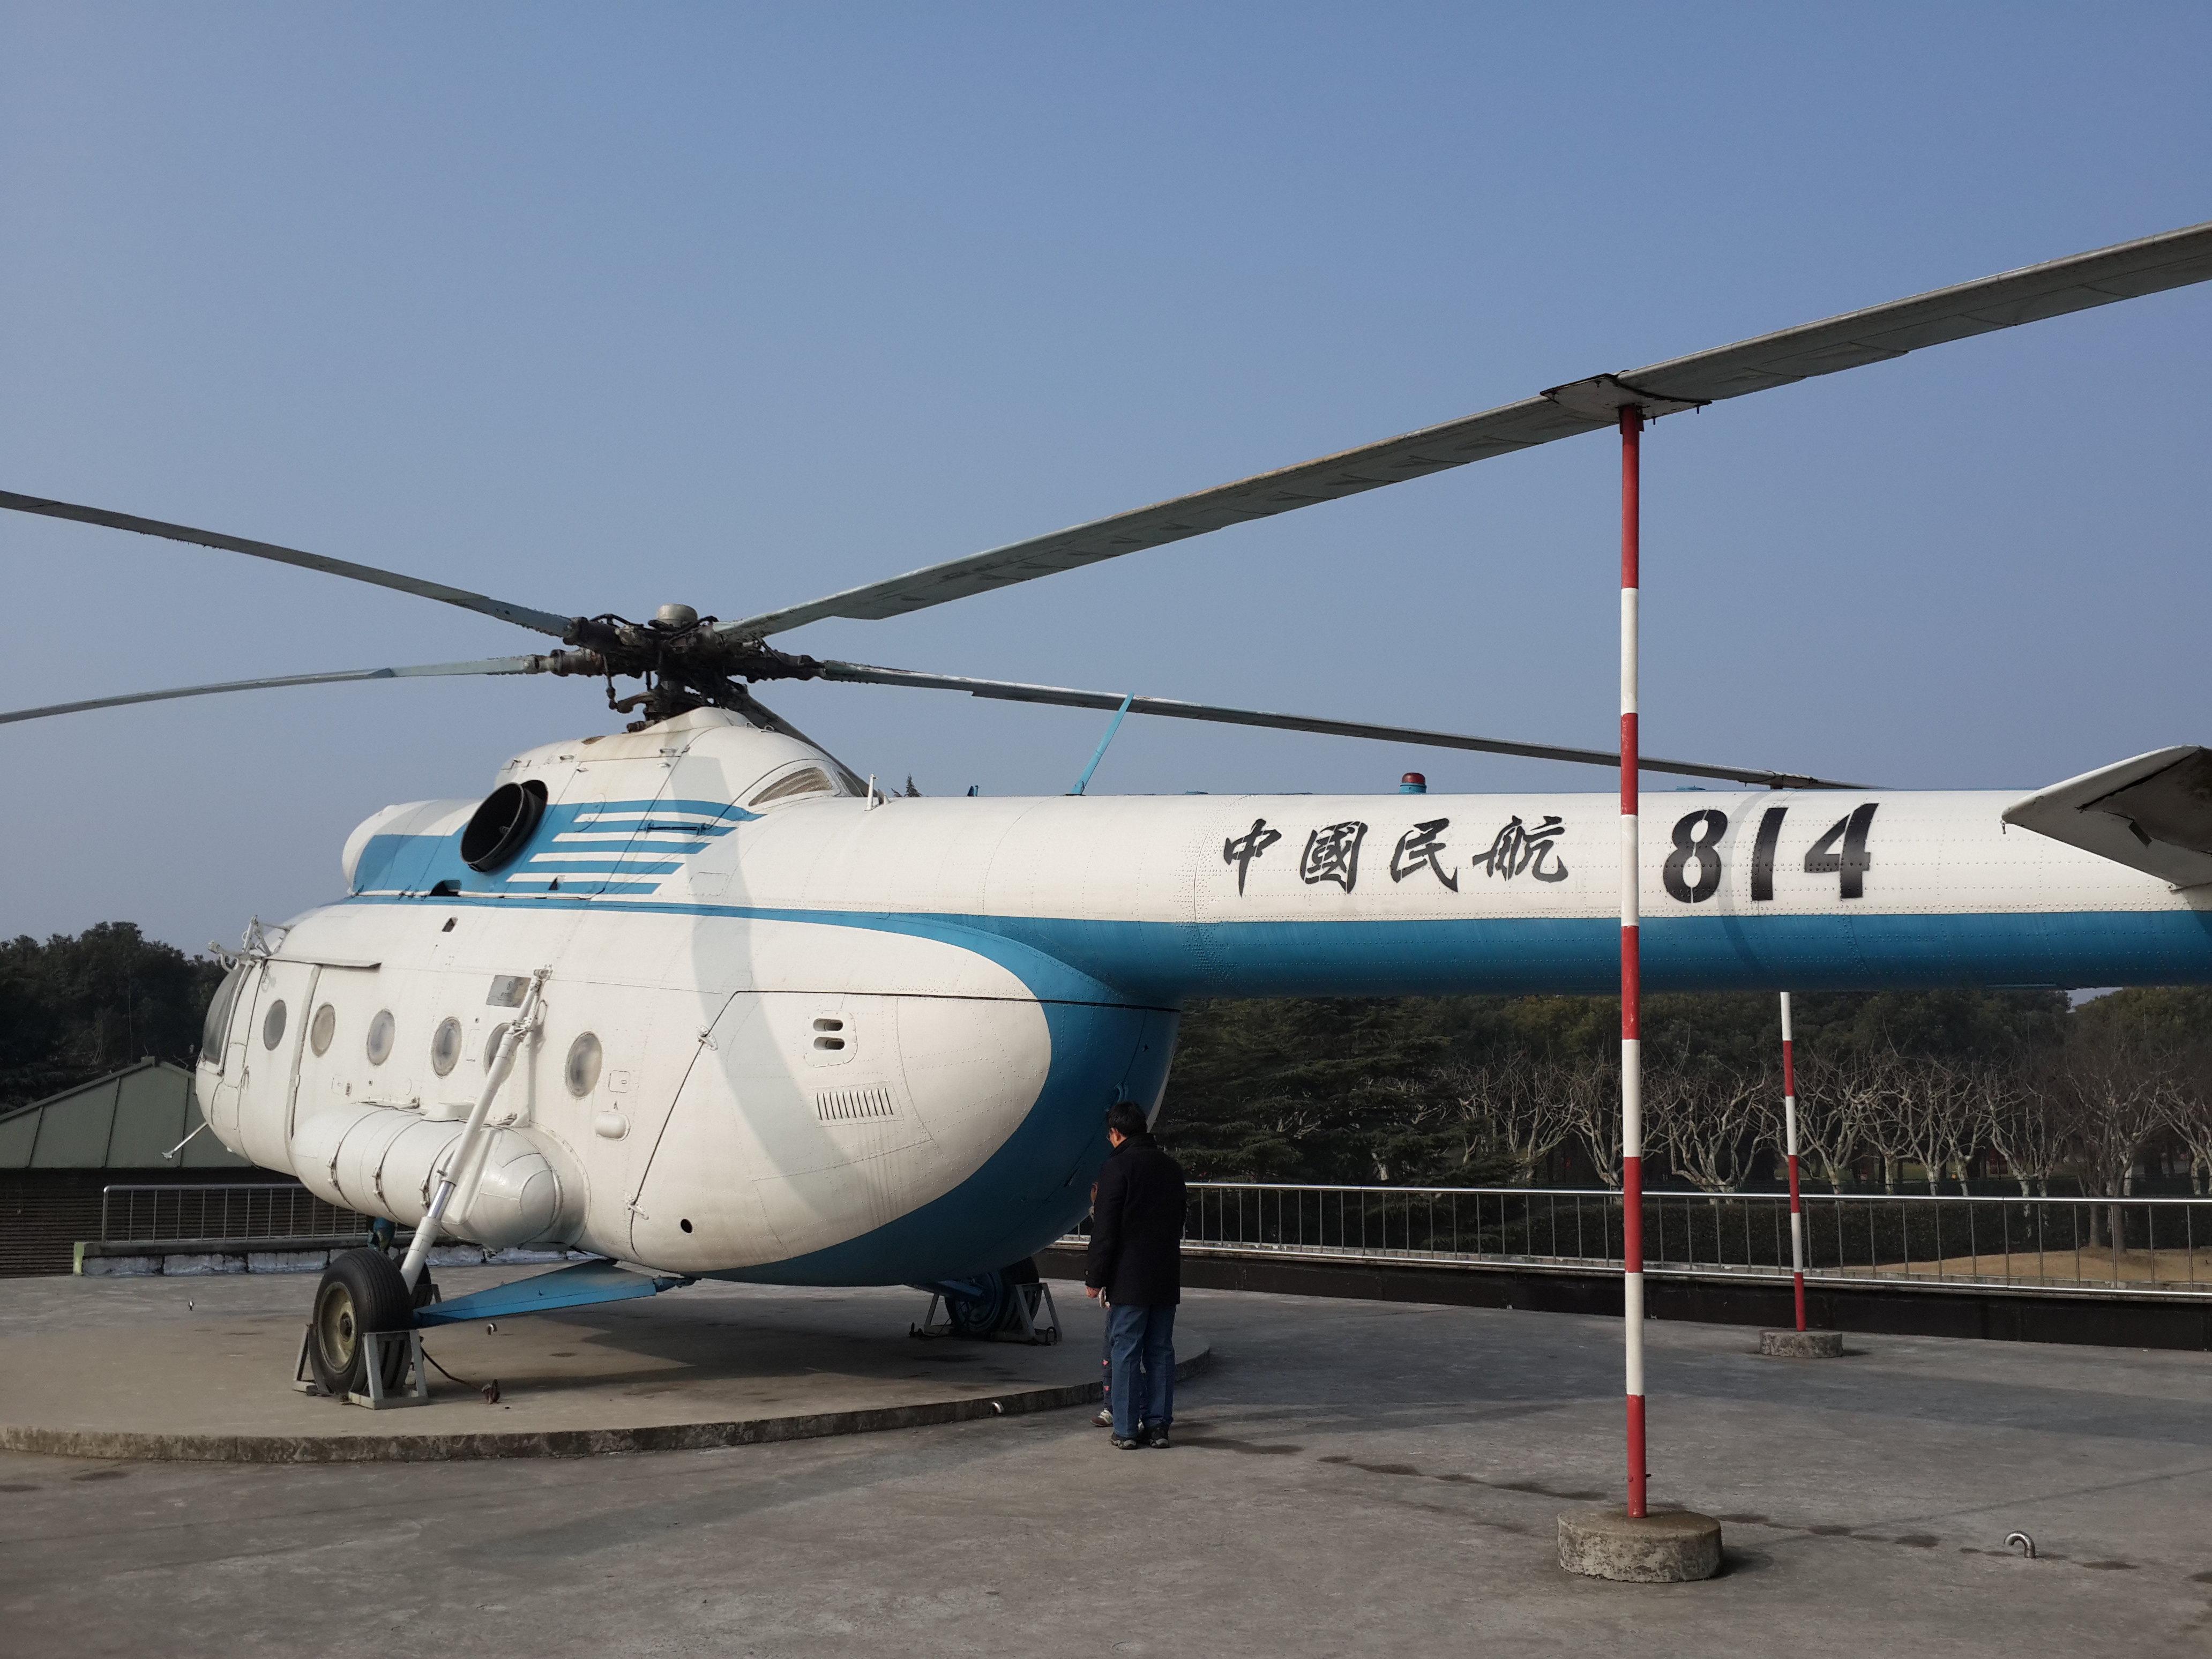 【携程攻略】上海东方绿舟适合家庭亲子旅游吗,东方